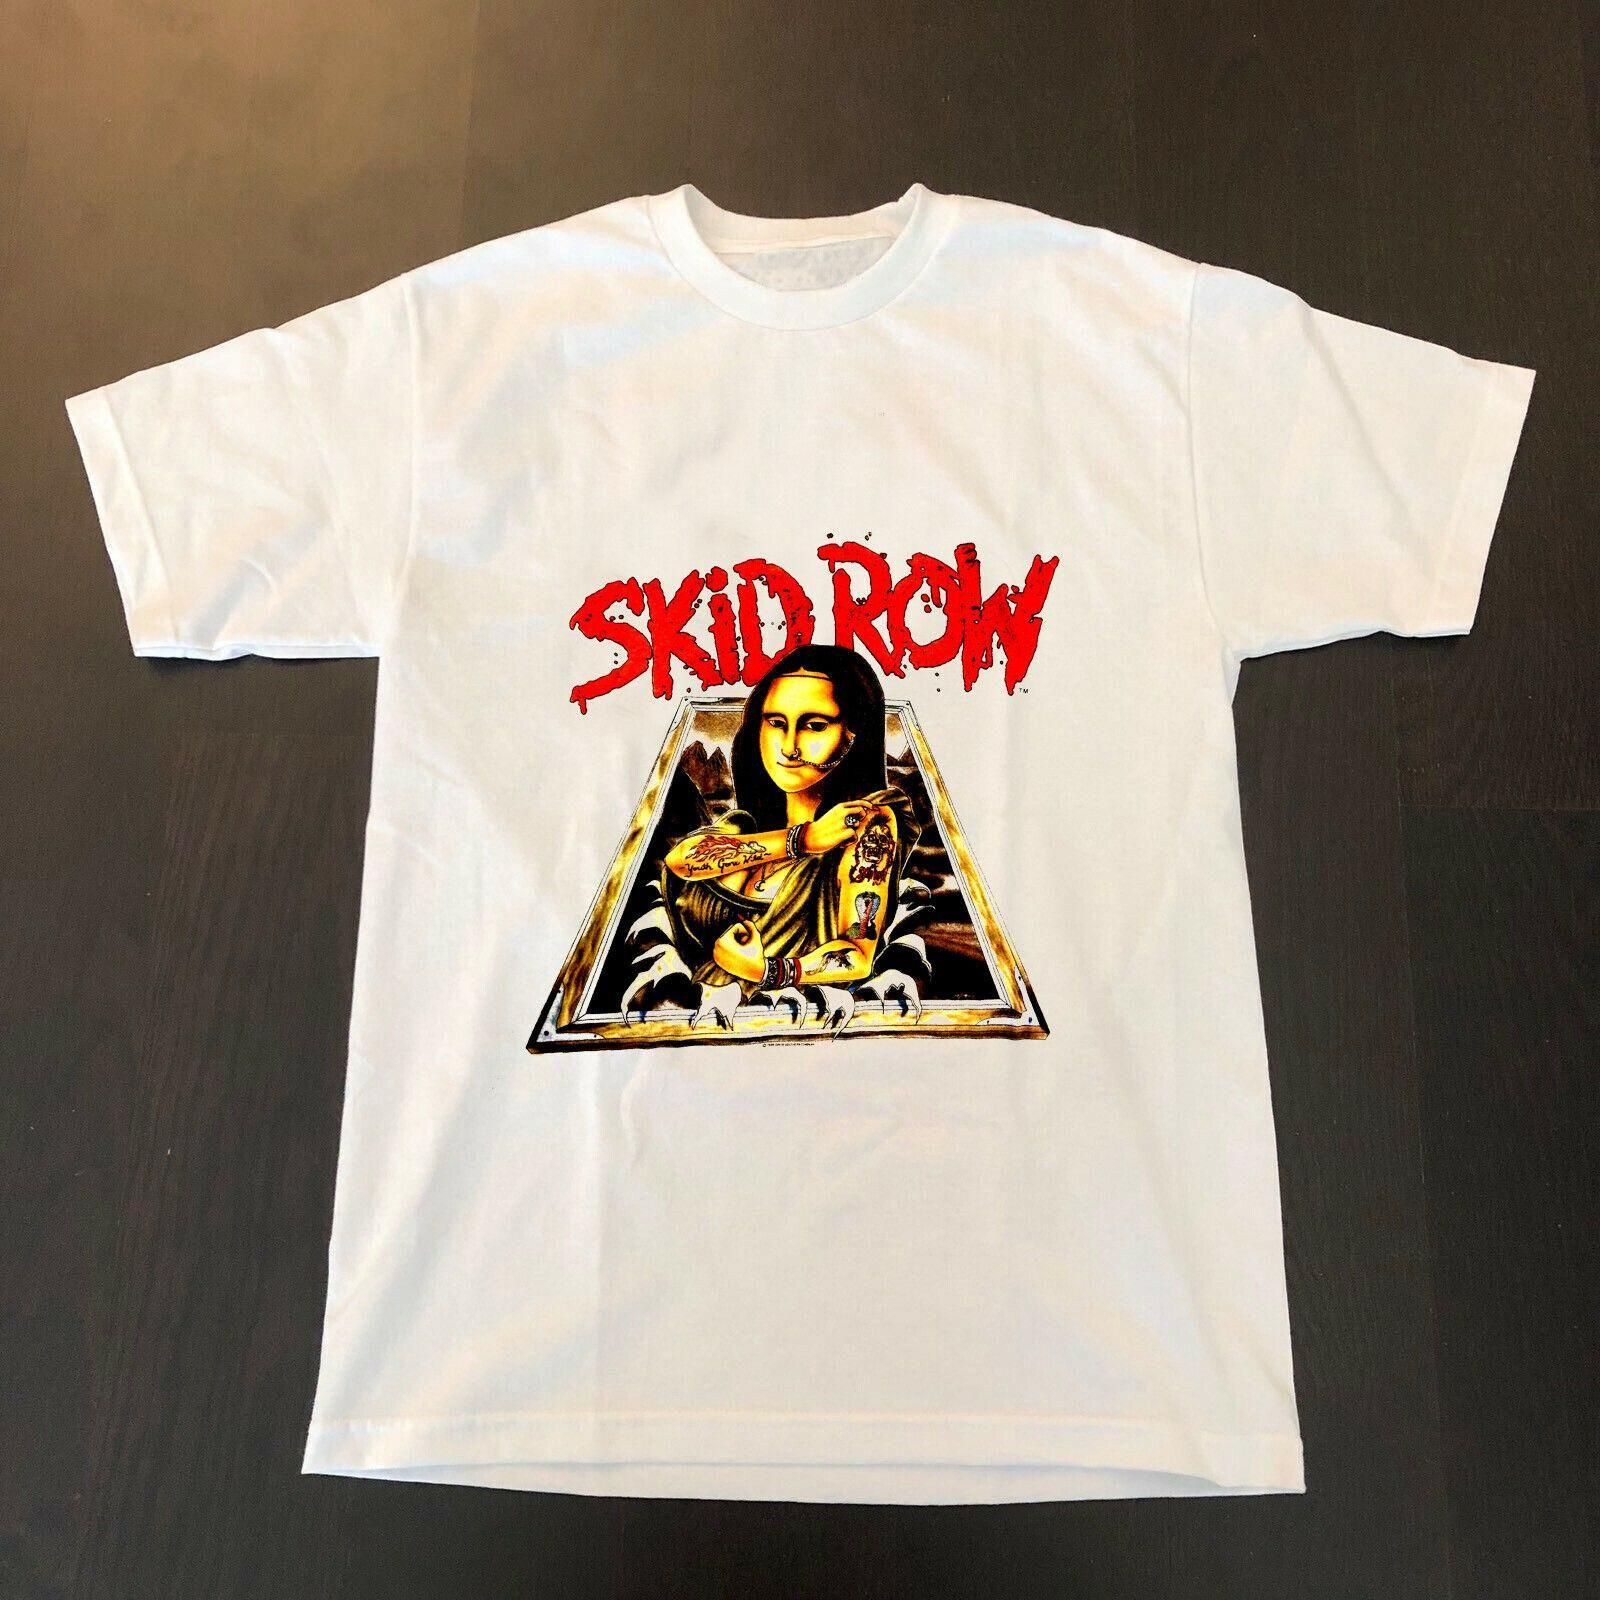 Skid Row Mona Lisa de la vendimia 1989 de la camiseta RARO! ¡La juventud ha ido salvaje! Top raras baratos 100% algodón camisetas para los muchachos Top del tamaño extra grande